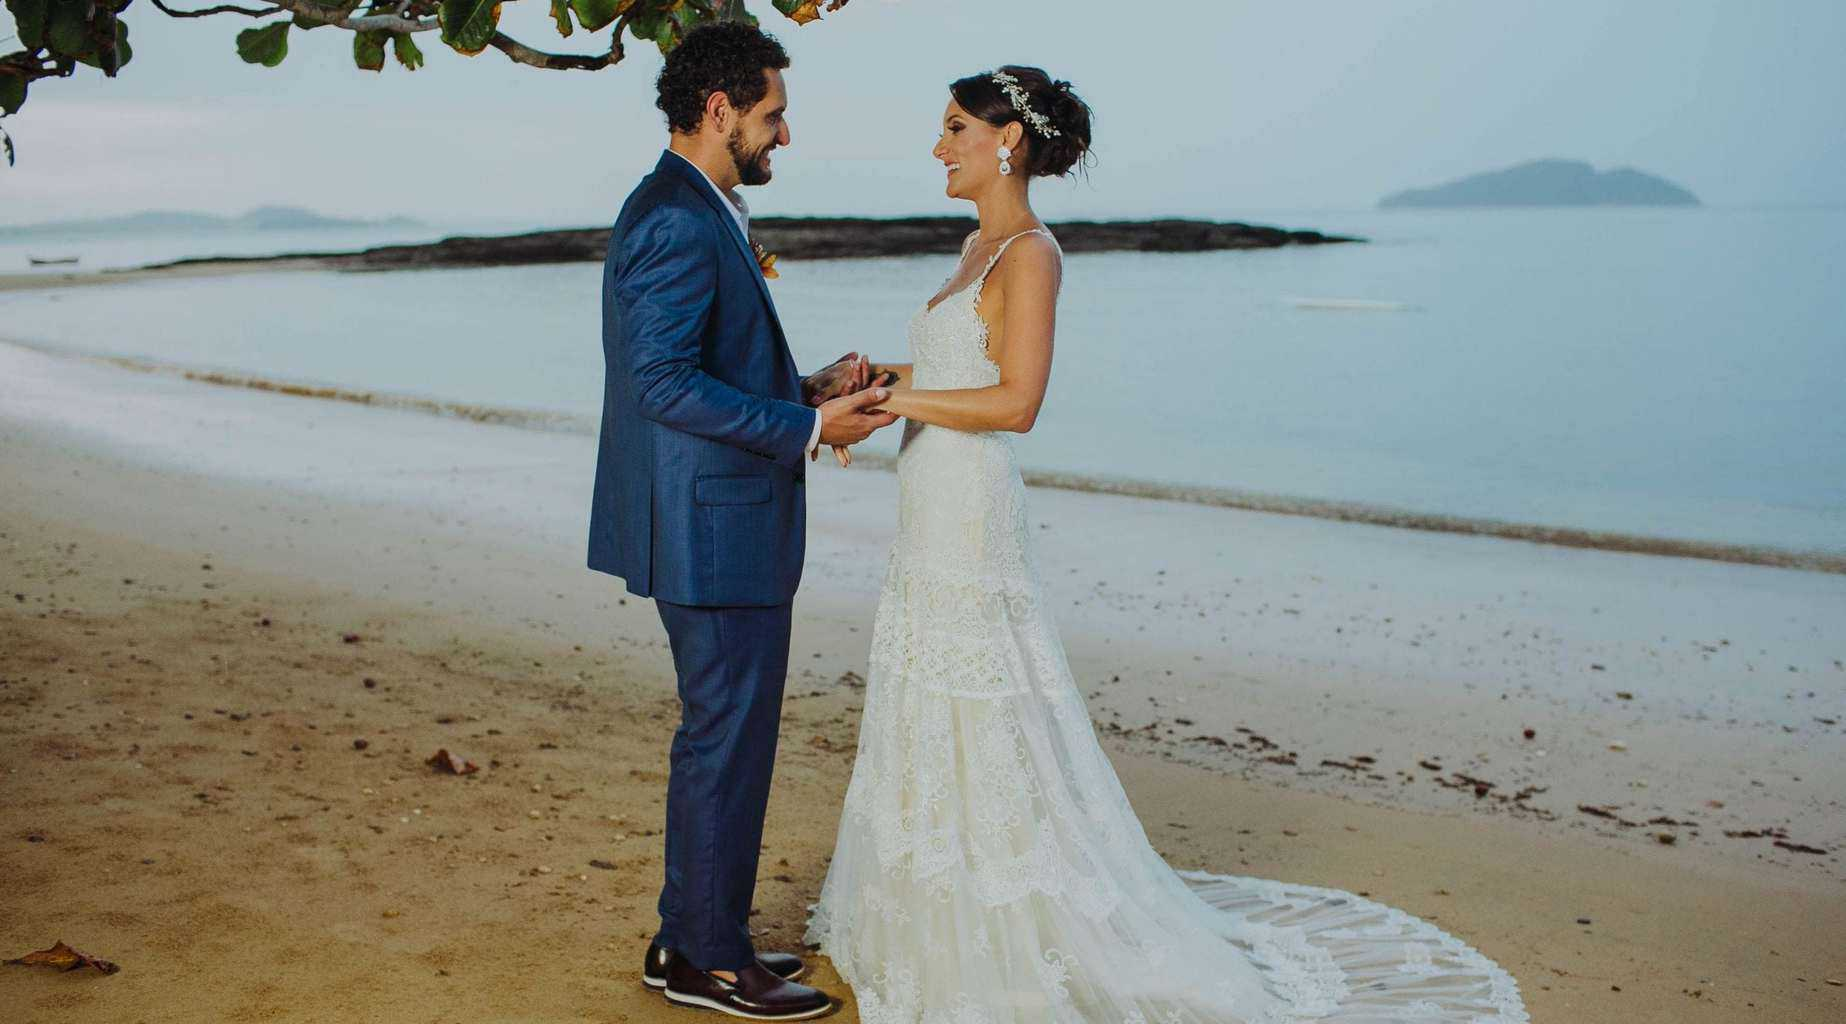 casamento-Casamento-Juliana-e-Marco-Tulio-caseme-10-e1533758122207